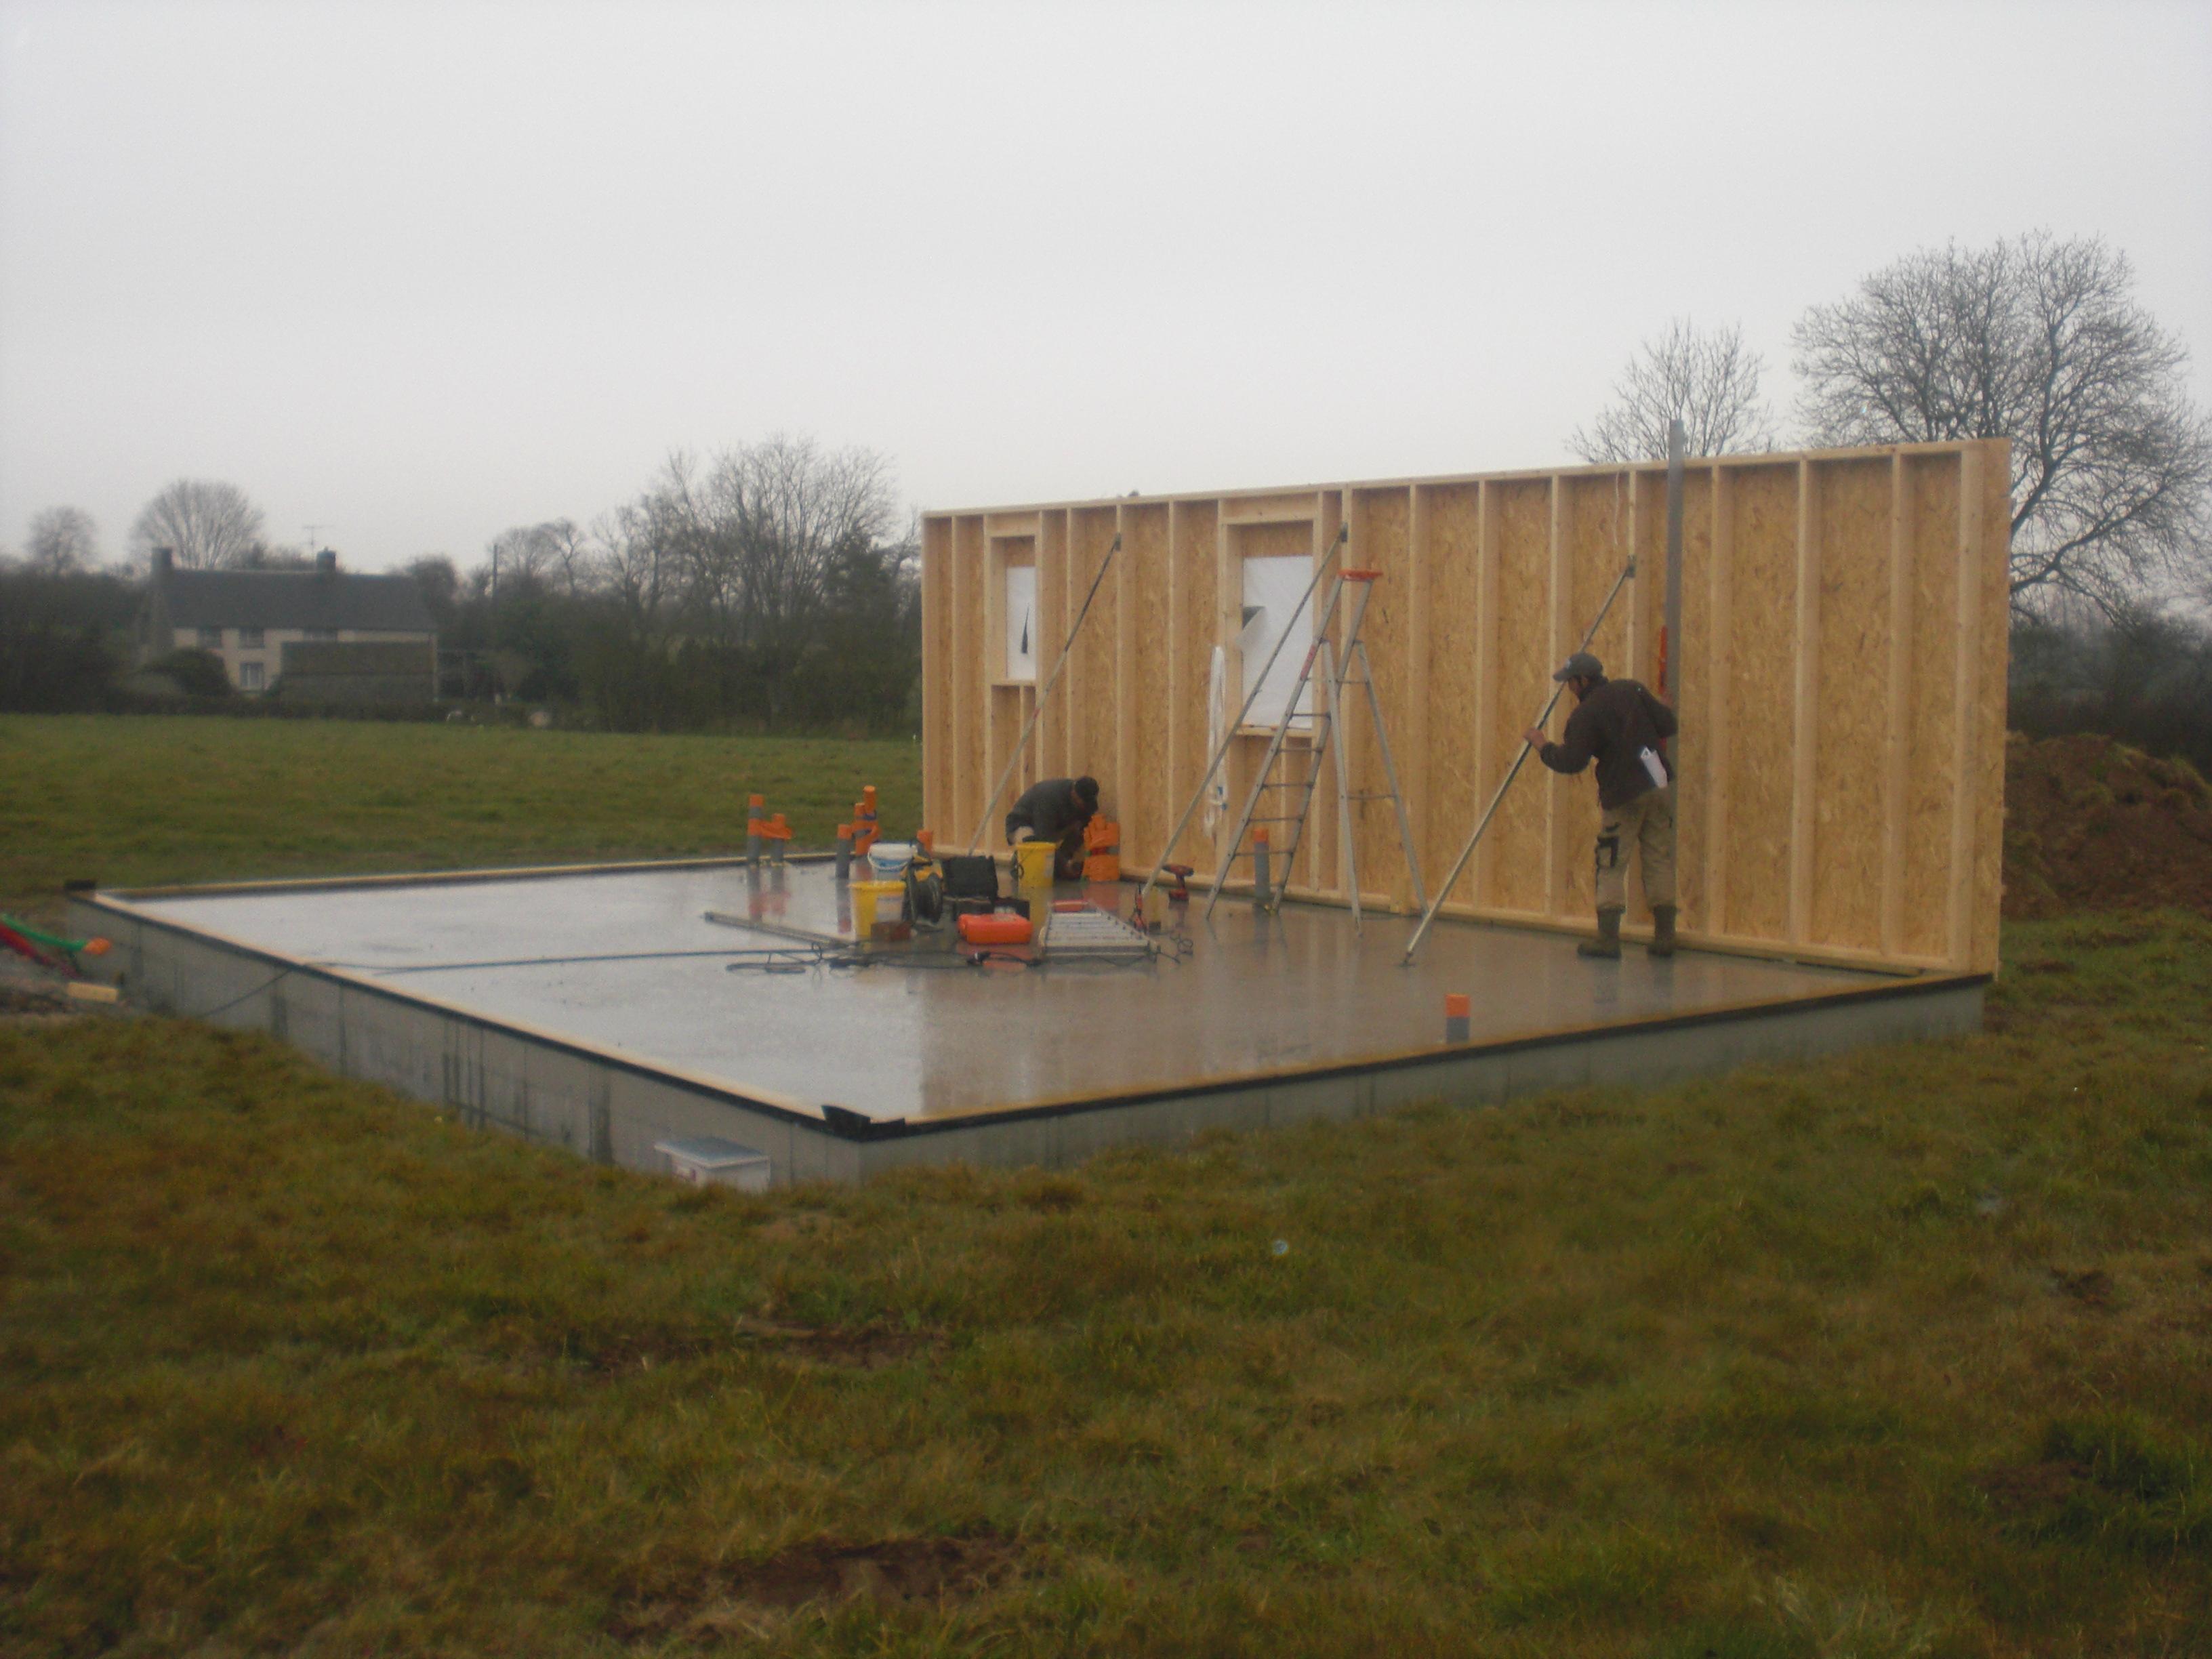 kit maison ossature metallique prix m2 cheap bois bbc becokit accueil slider3 planete bois